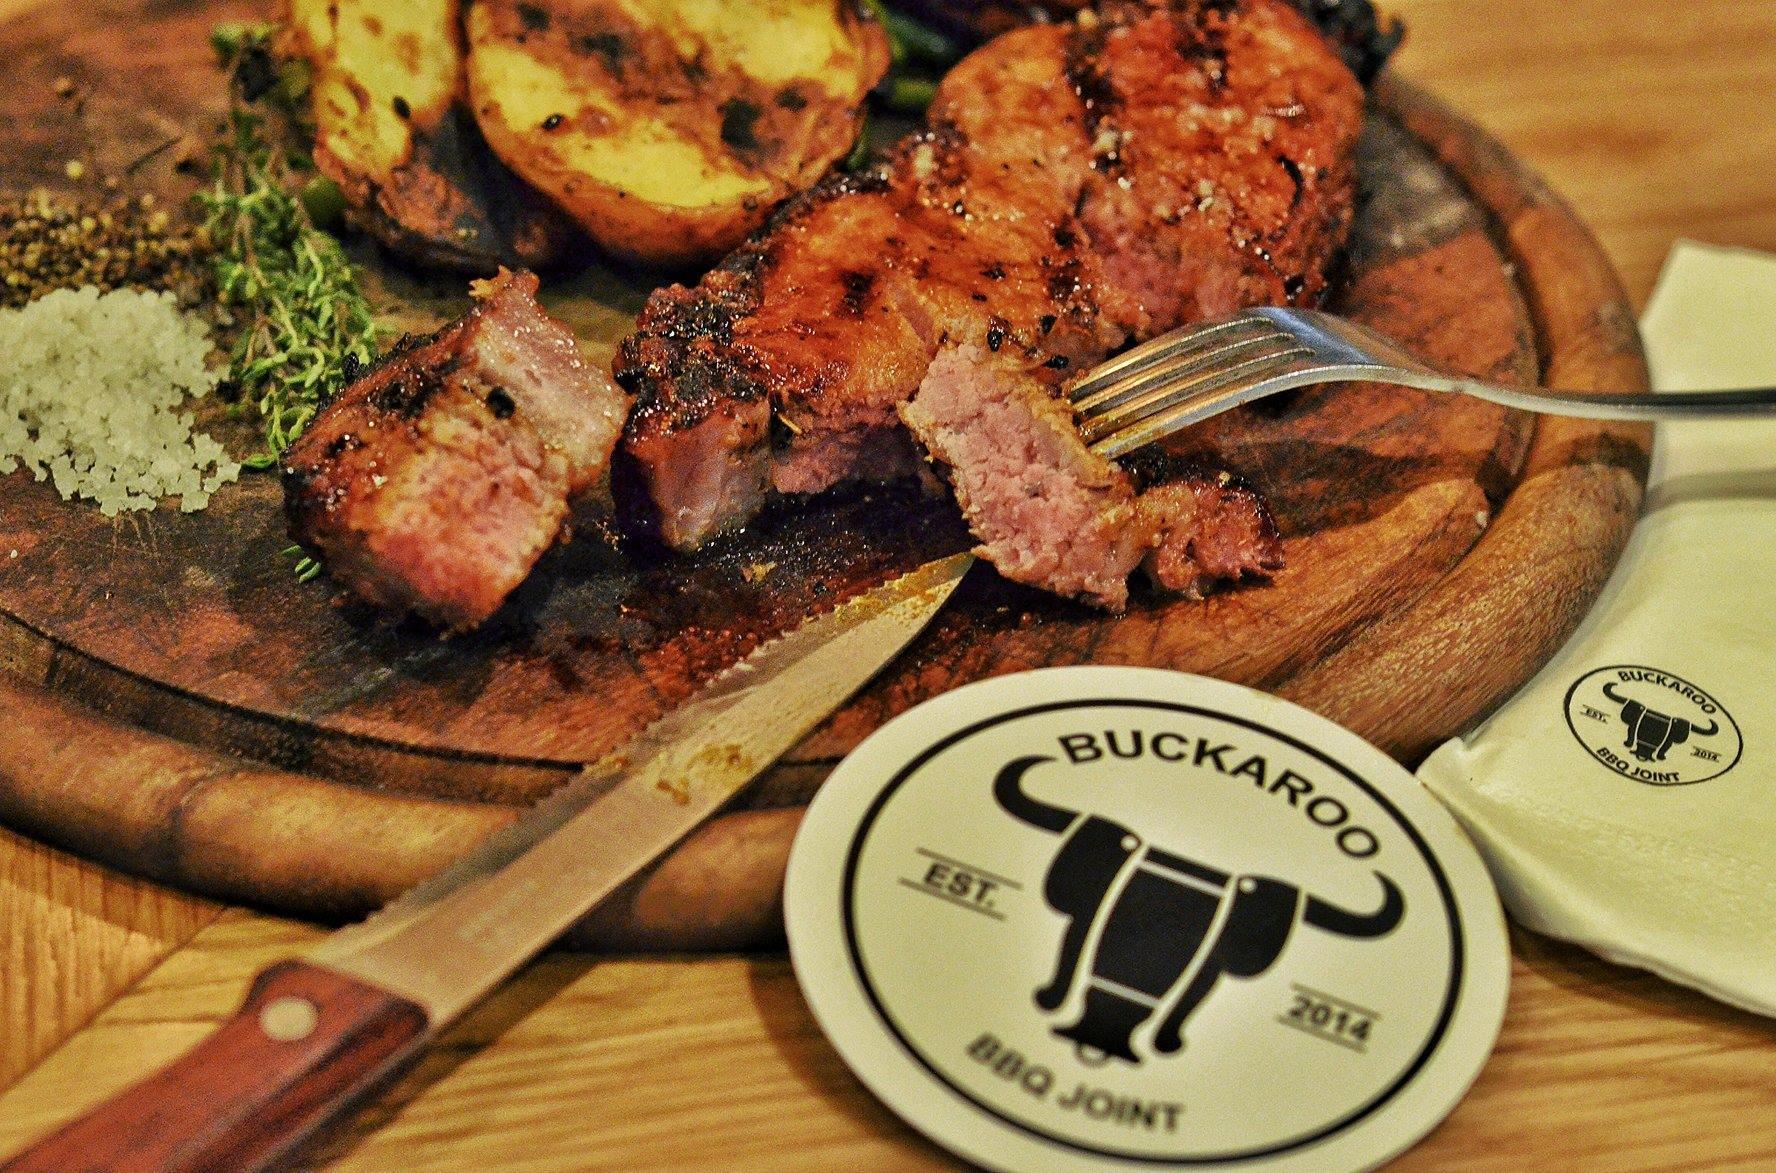 Buckaroo – мясо, которое стоит попробовать!